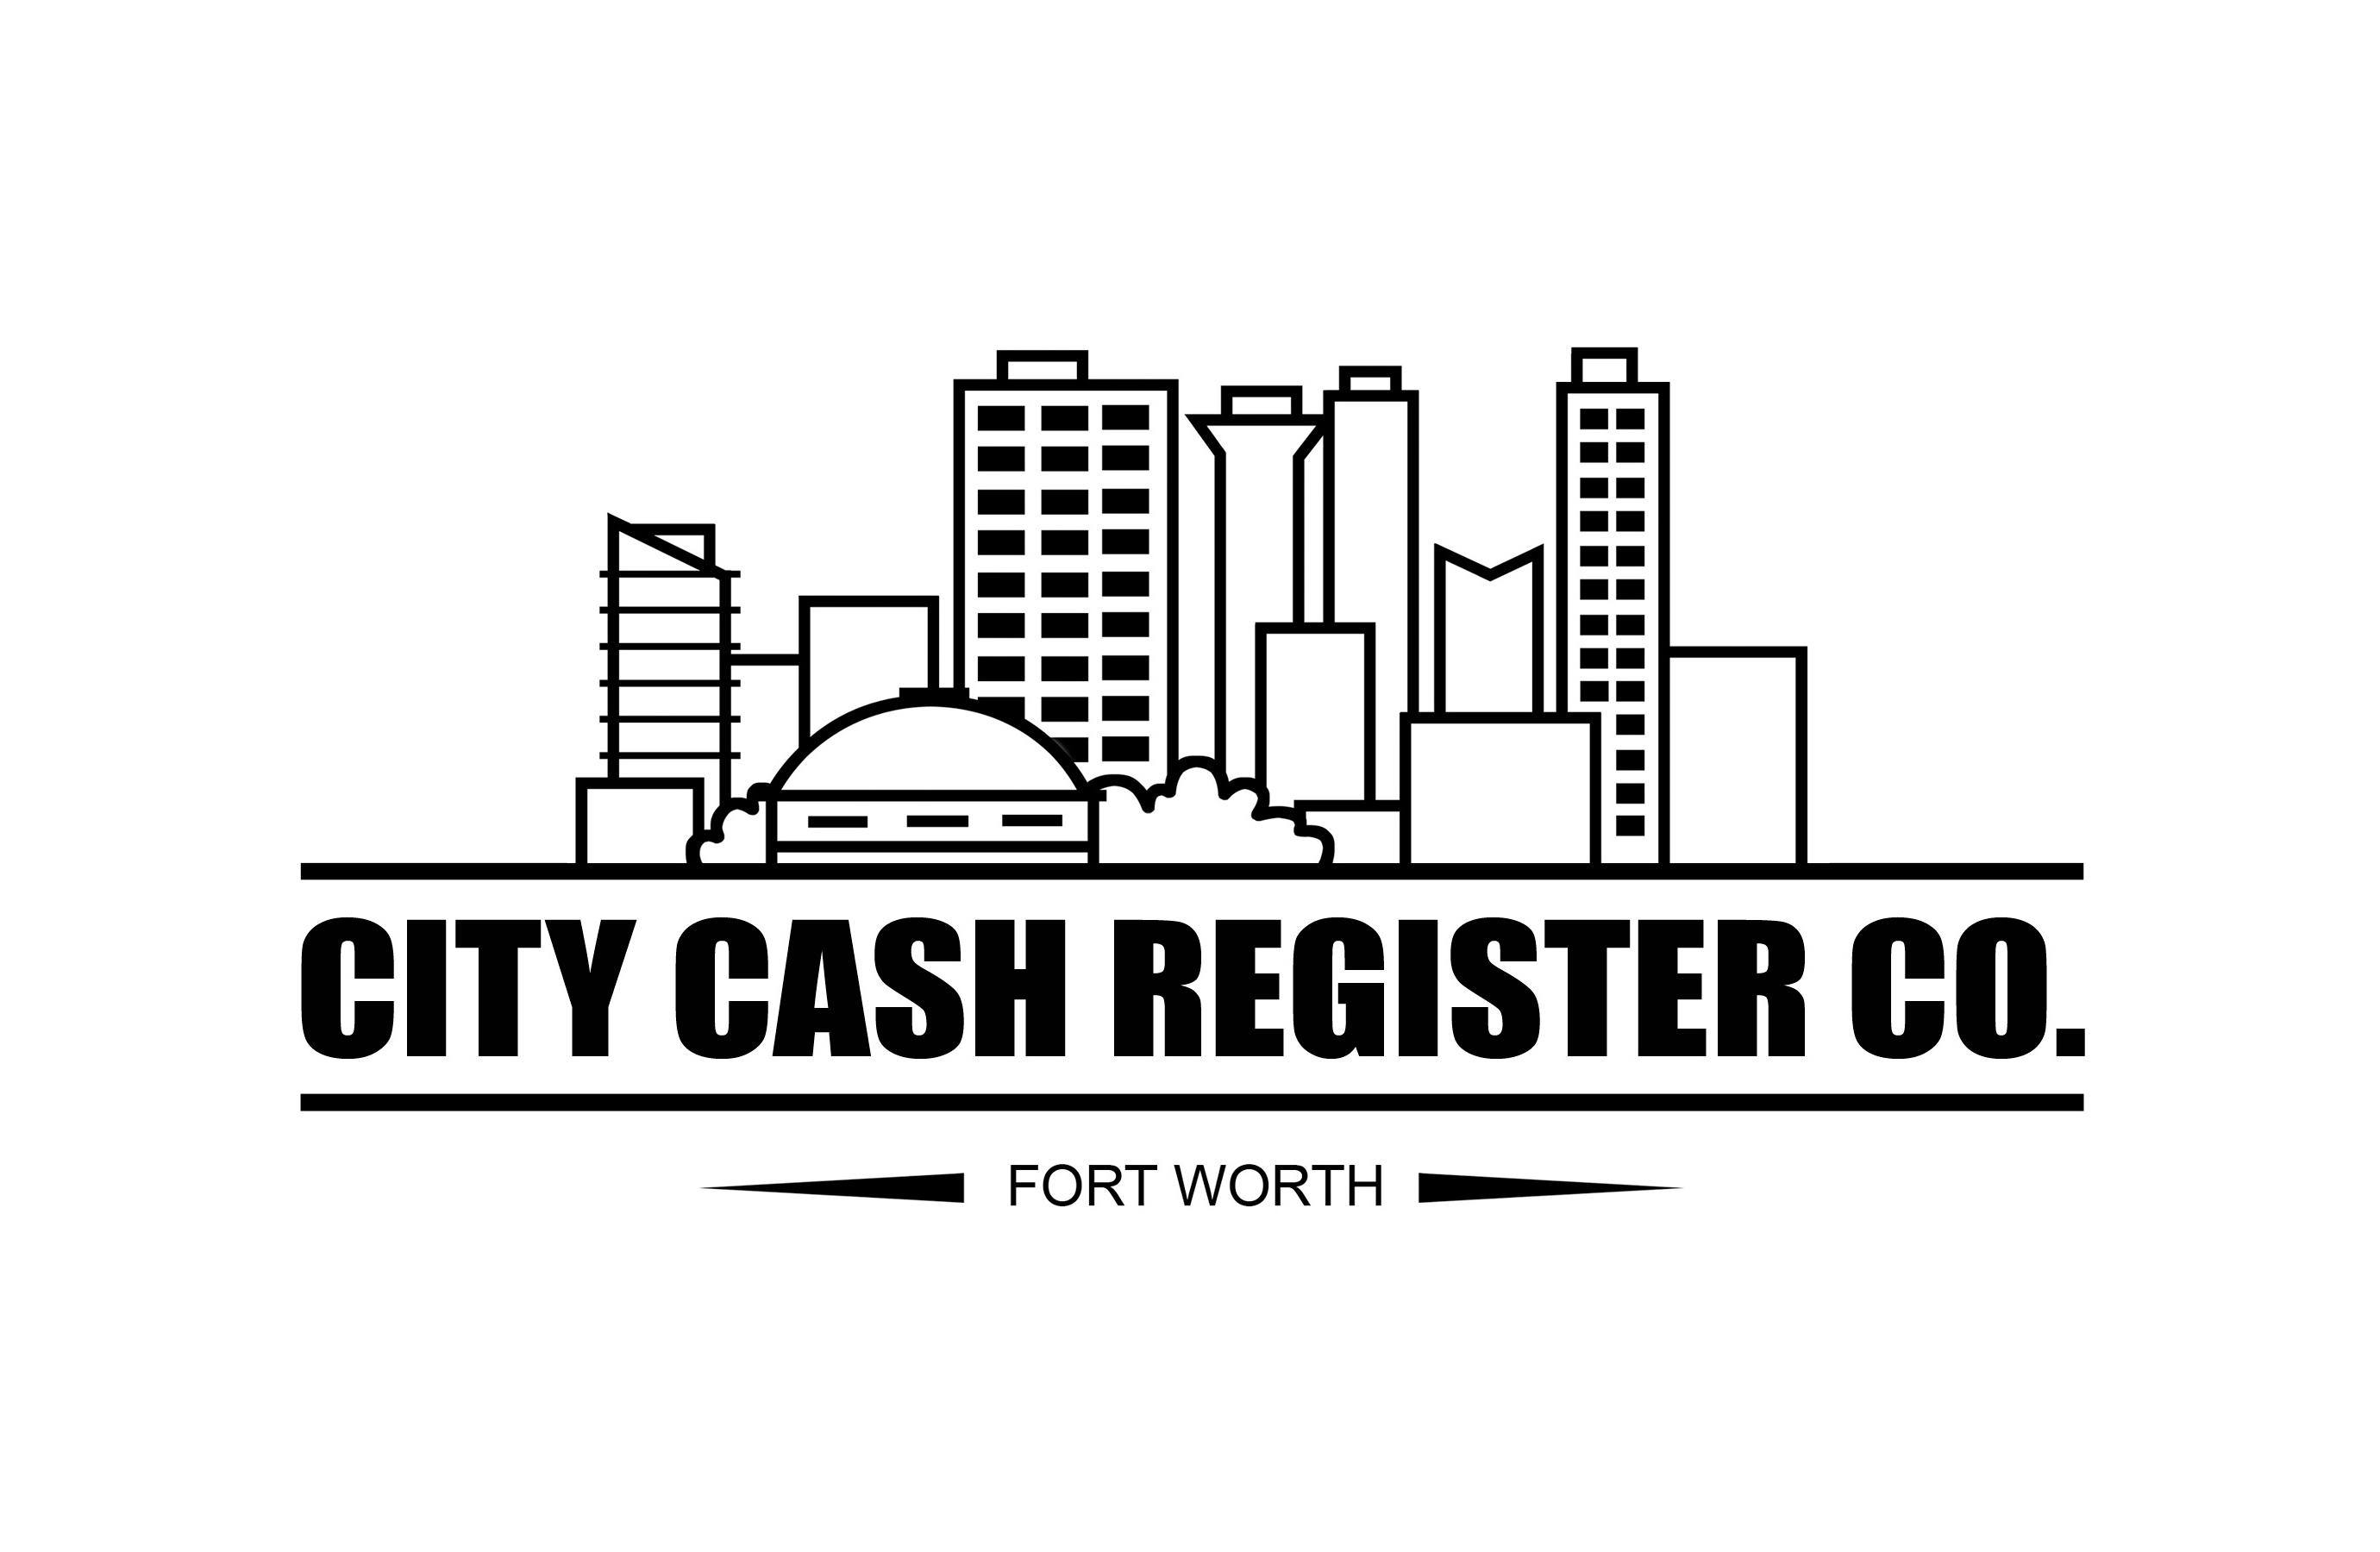 City Cash Register Co.